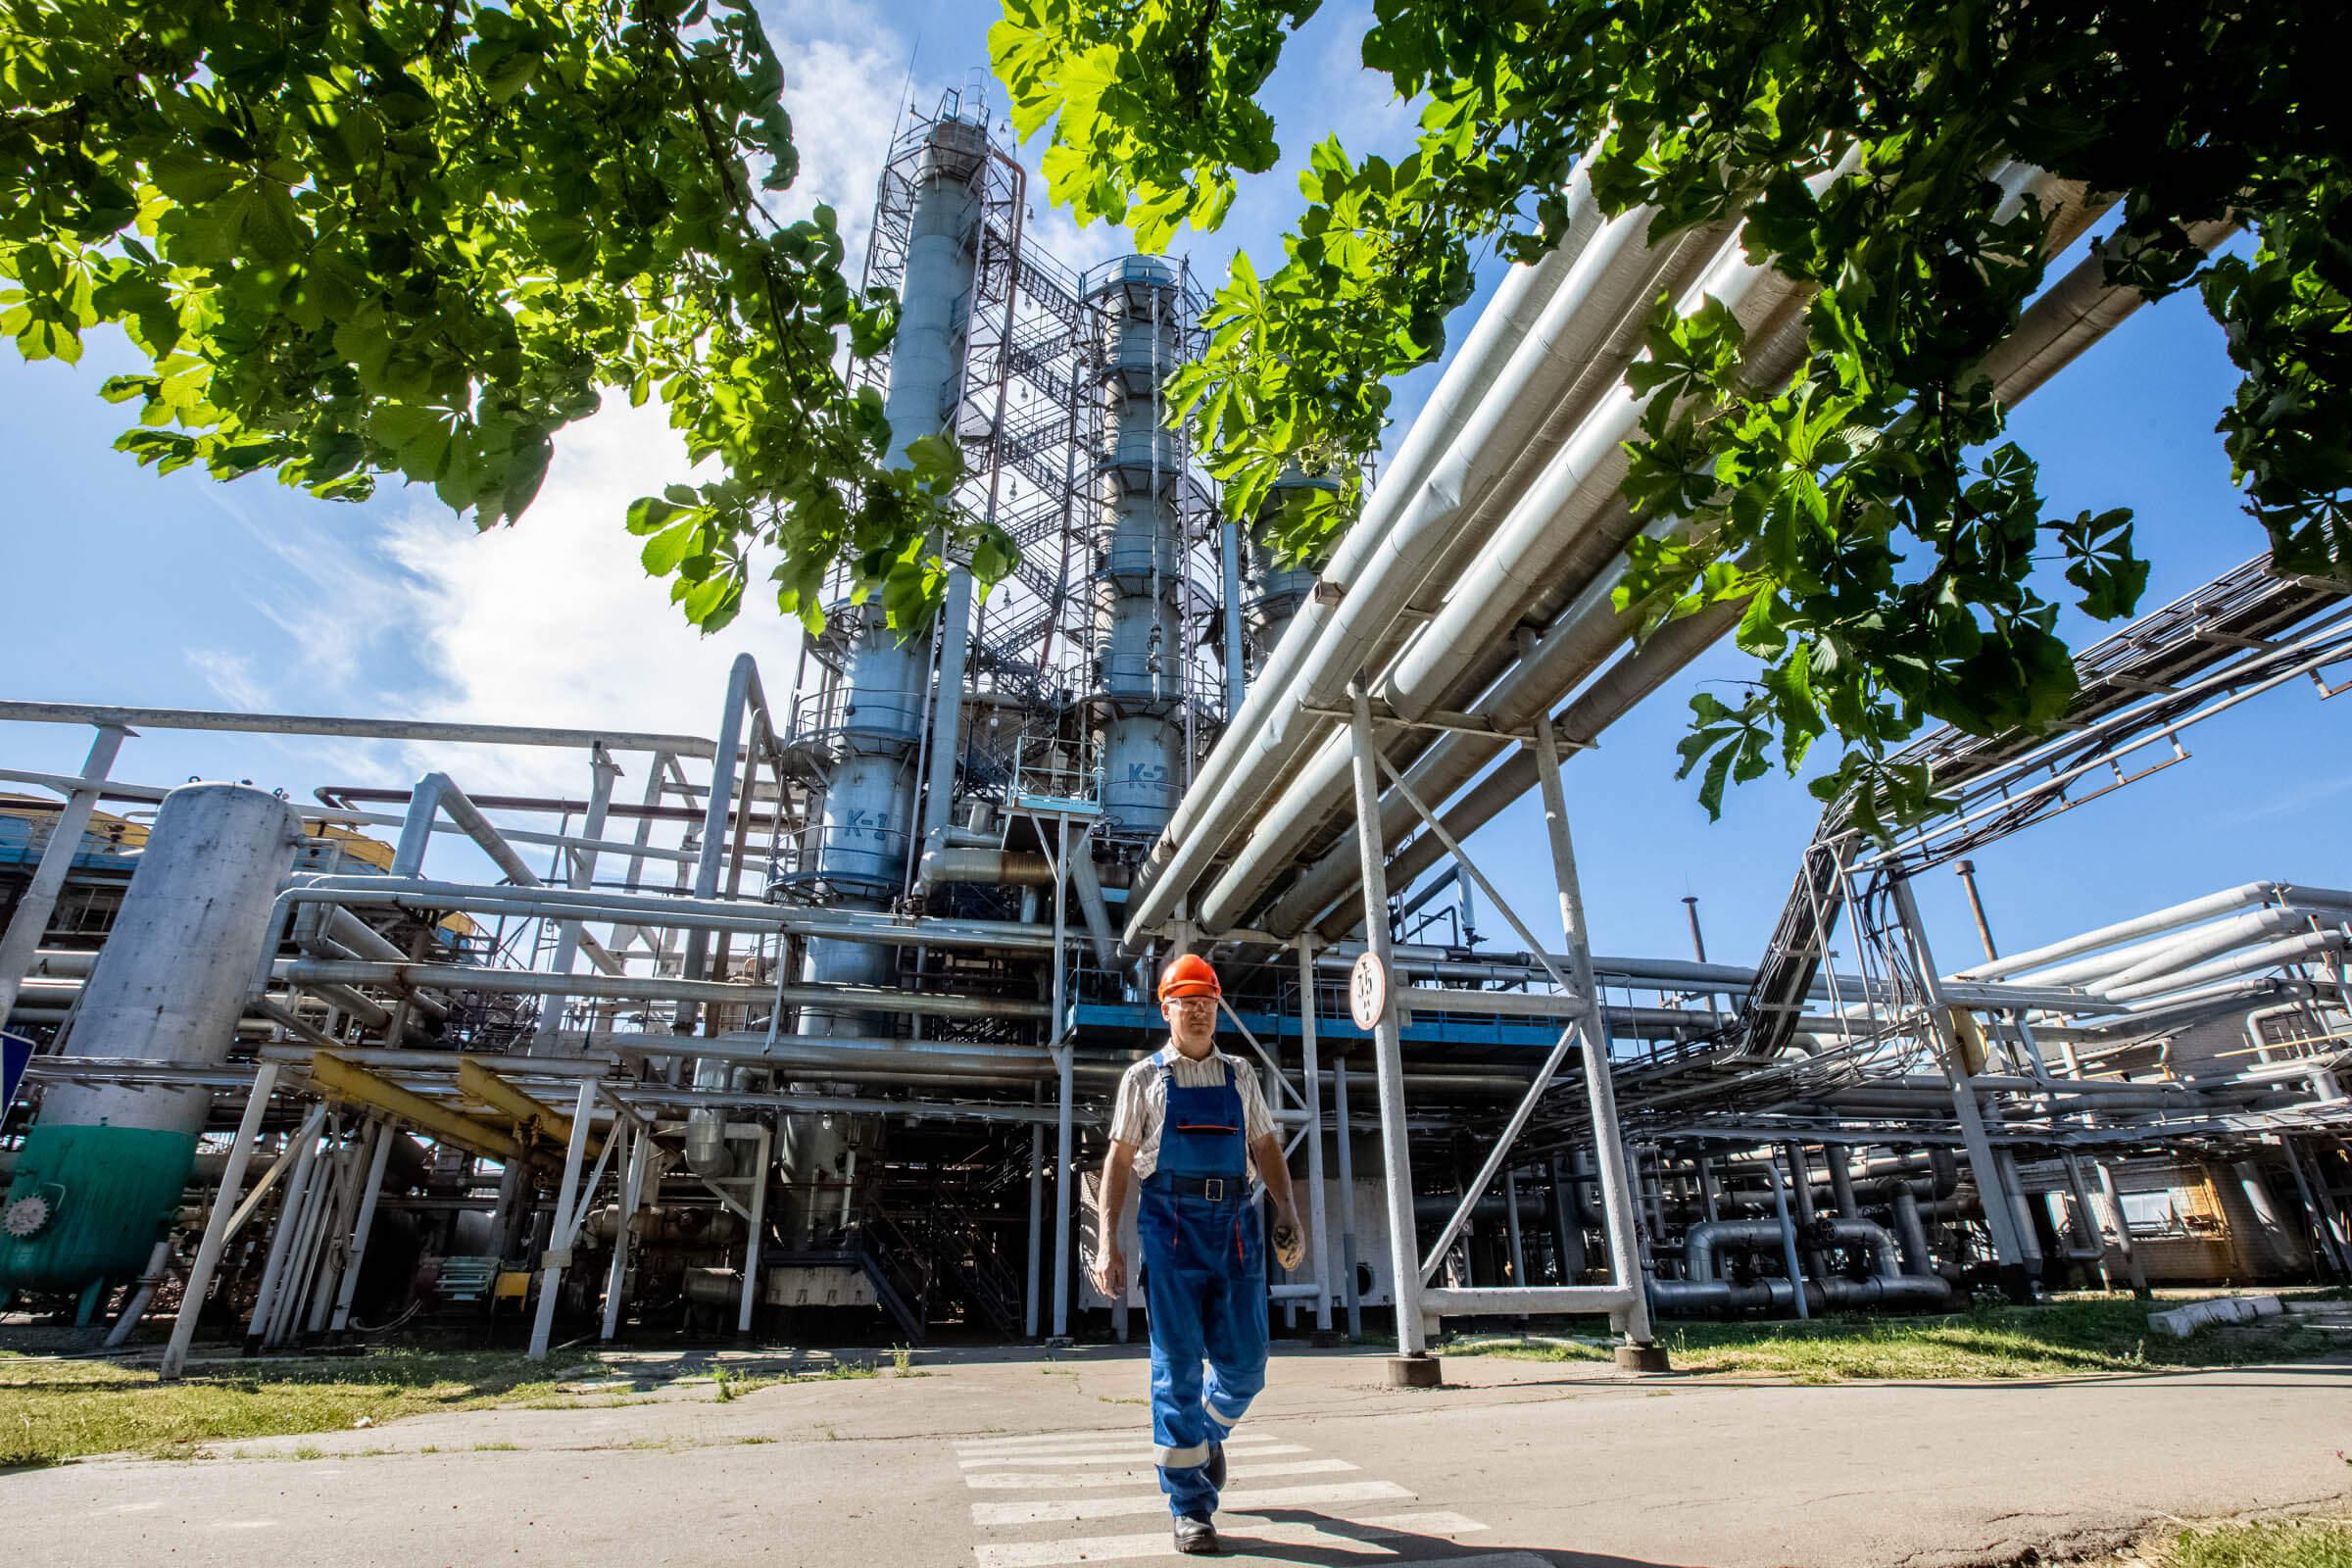 Графік планово-попереджувальних ремонтів виробничих активів дивізіону «Нафтогаз Нафта»